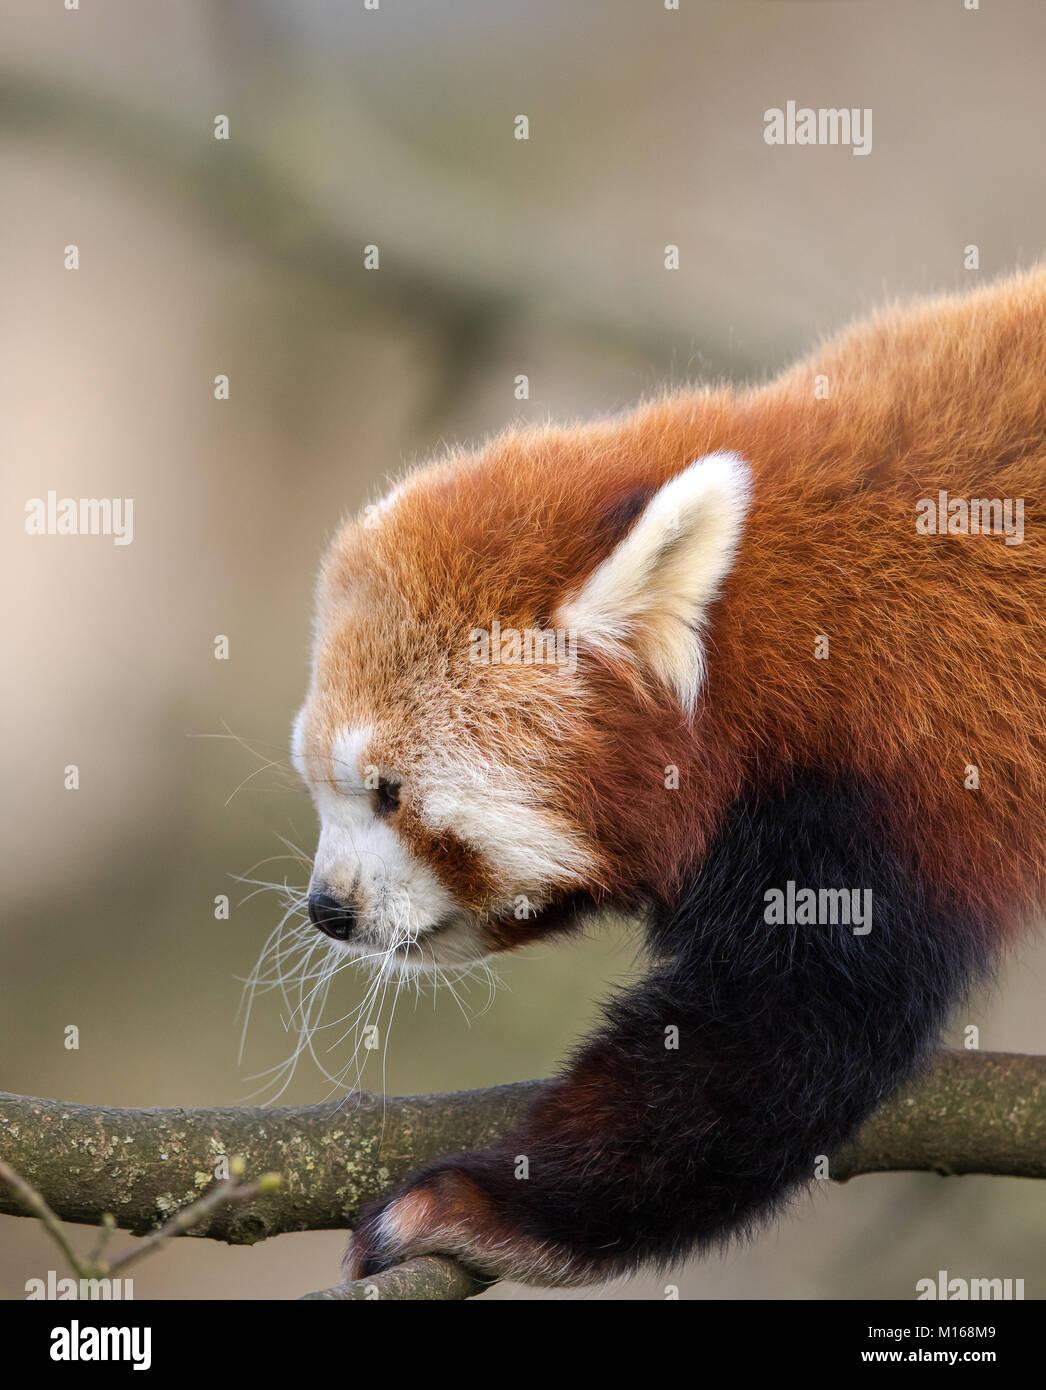 Primer plano de un joven adorable panda rojo (Ailurus fulgens), escalada en árboles. Cabeza y hombros detallada Imagen De Stock